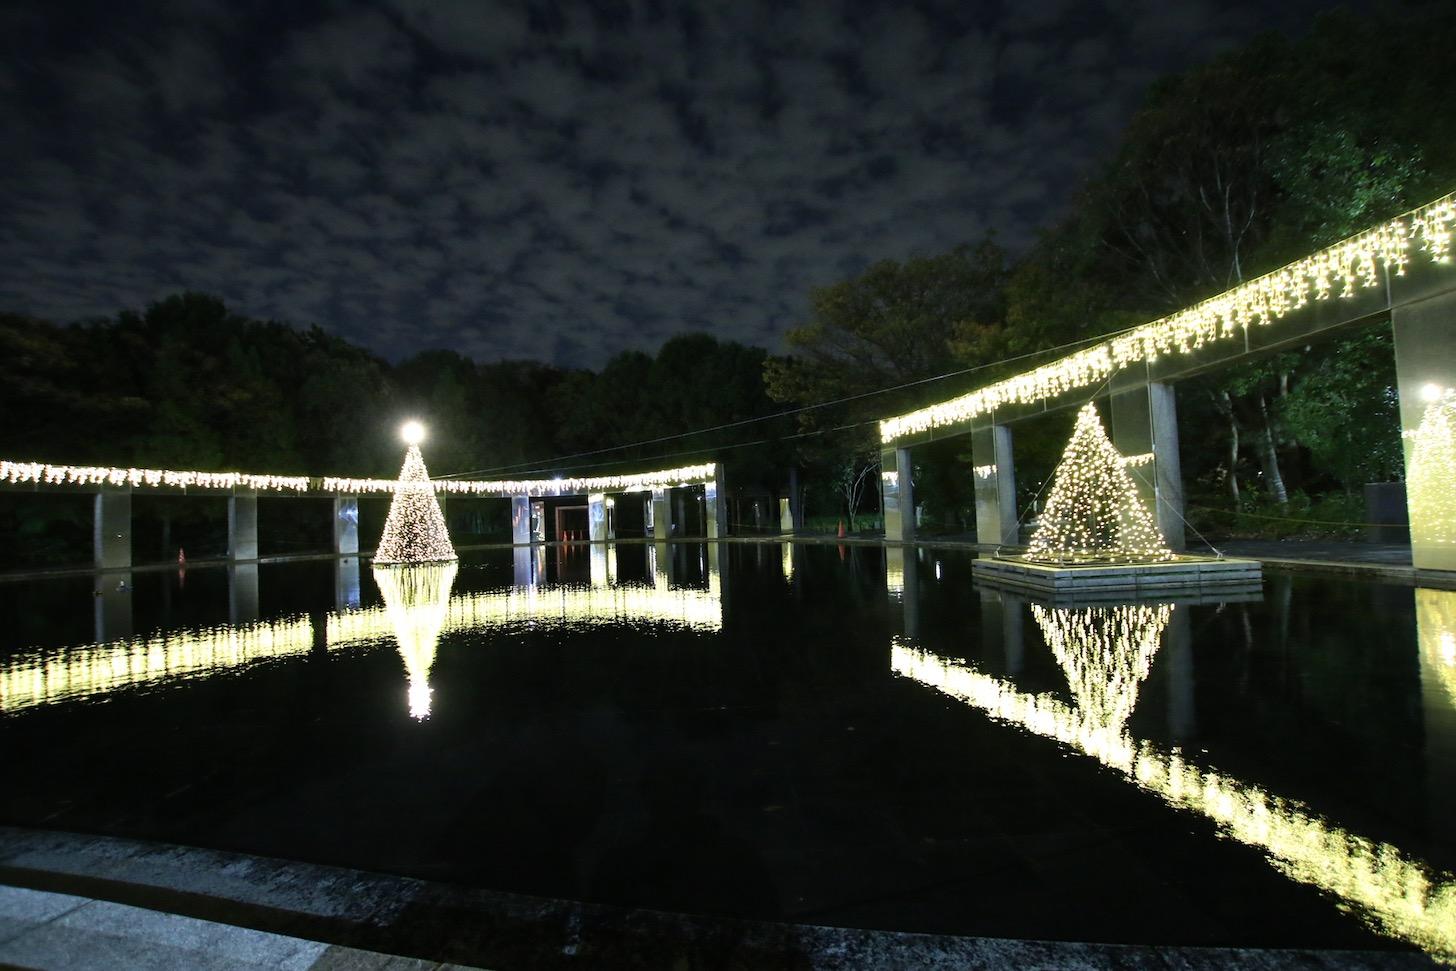 多摩センターイルミネーション2019 きらめきの池